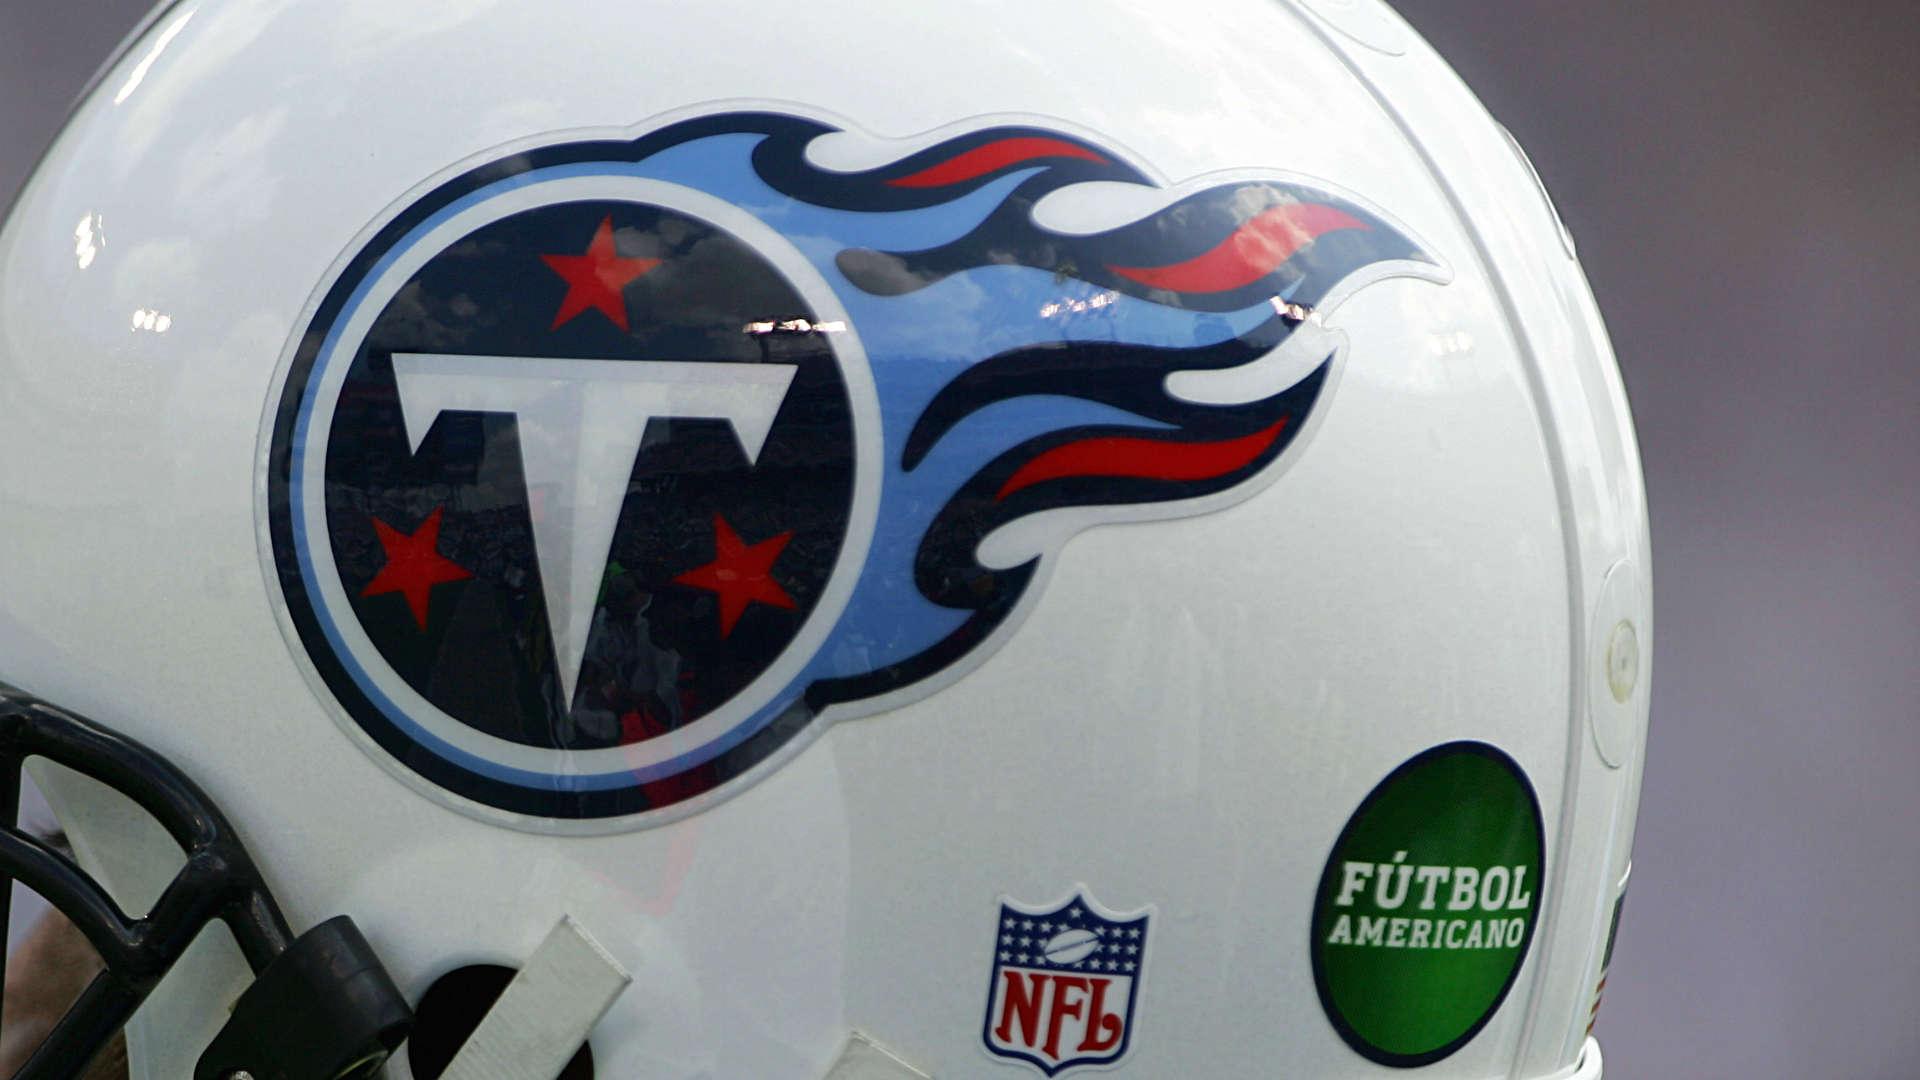 Titans-logo-072317-usnews-getty-ftr_1tmo54z5l9znf17znv2861fz7o